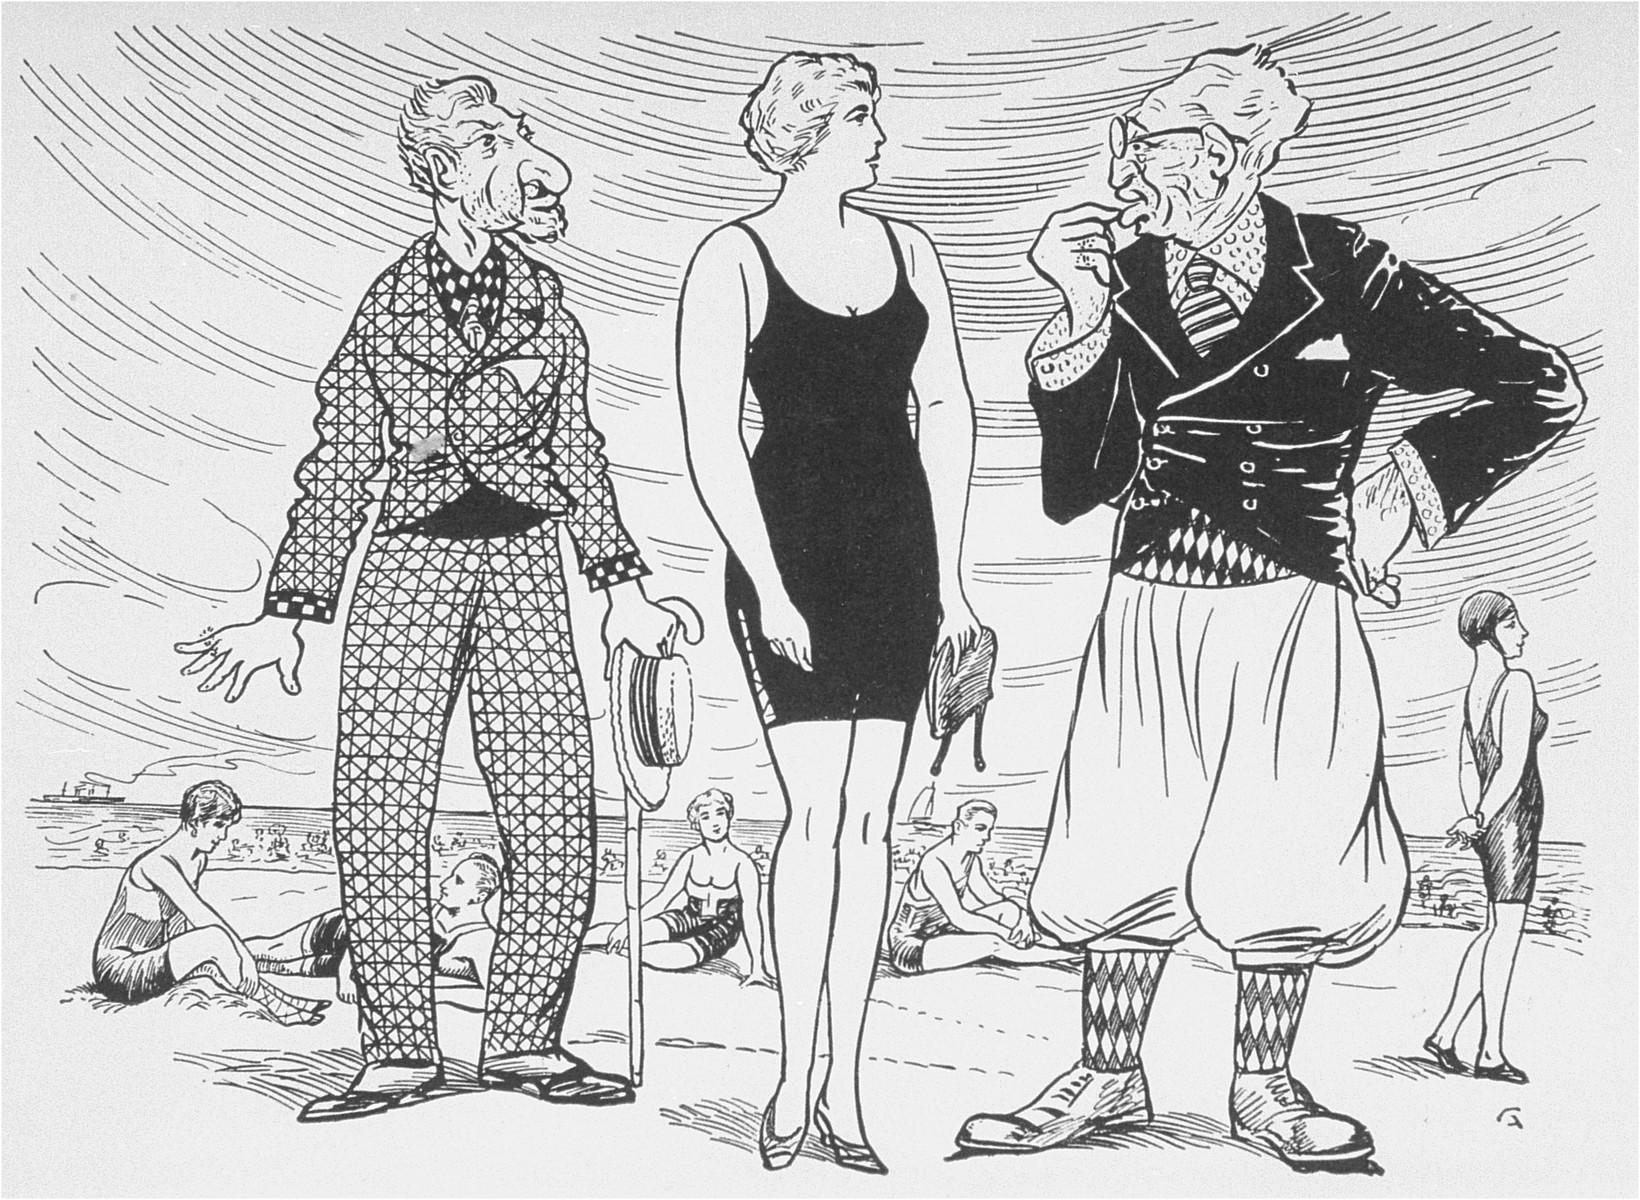 """Antisemitic cartoon published in Dr. Kurt Plischke's """"Der Jude als Rassenschaender: Eine Anklage gegen Juda und eine Mahnung an die deutschen Frauen und Maedchen"""" [The Jew as Race Defiler: An Accusation against Judah and a Warning to German Women and Girls]."""